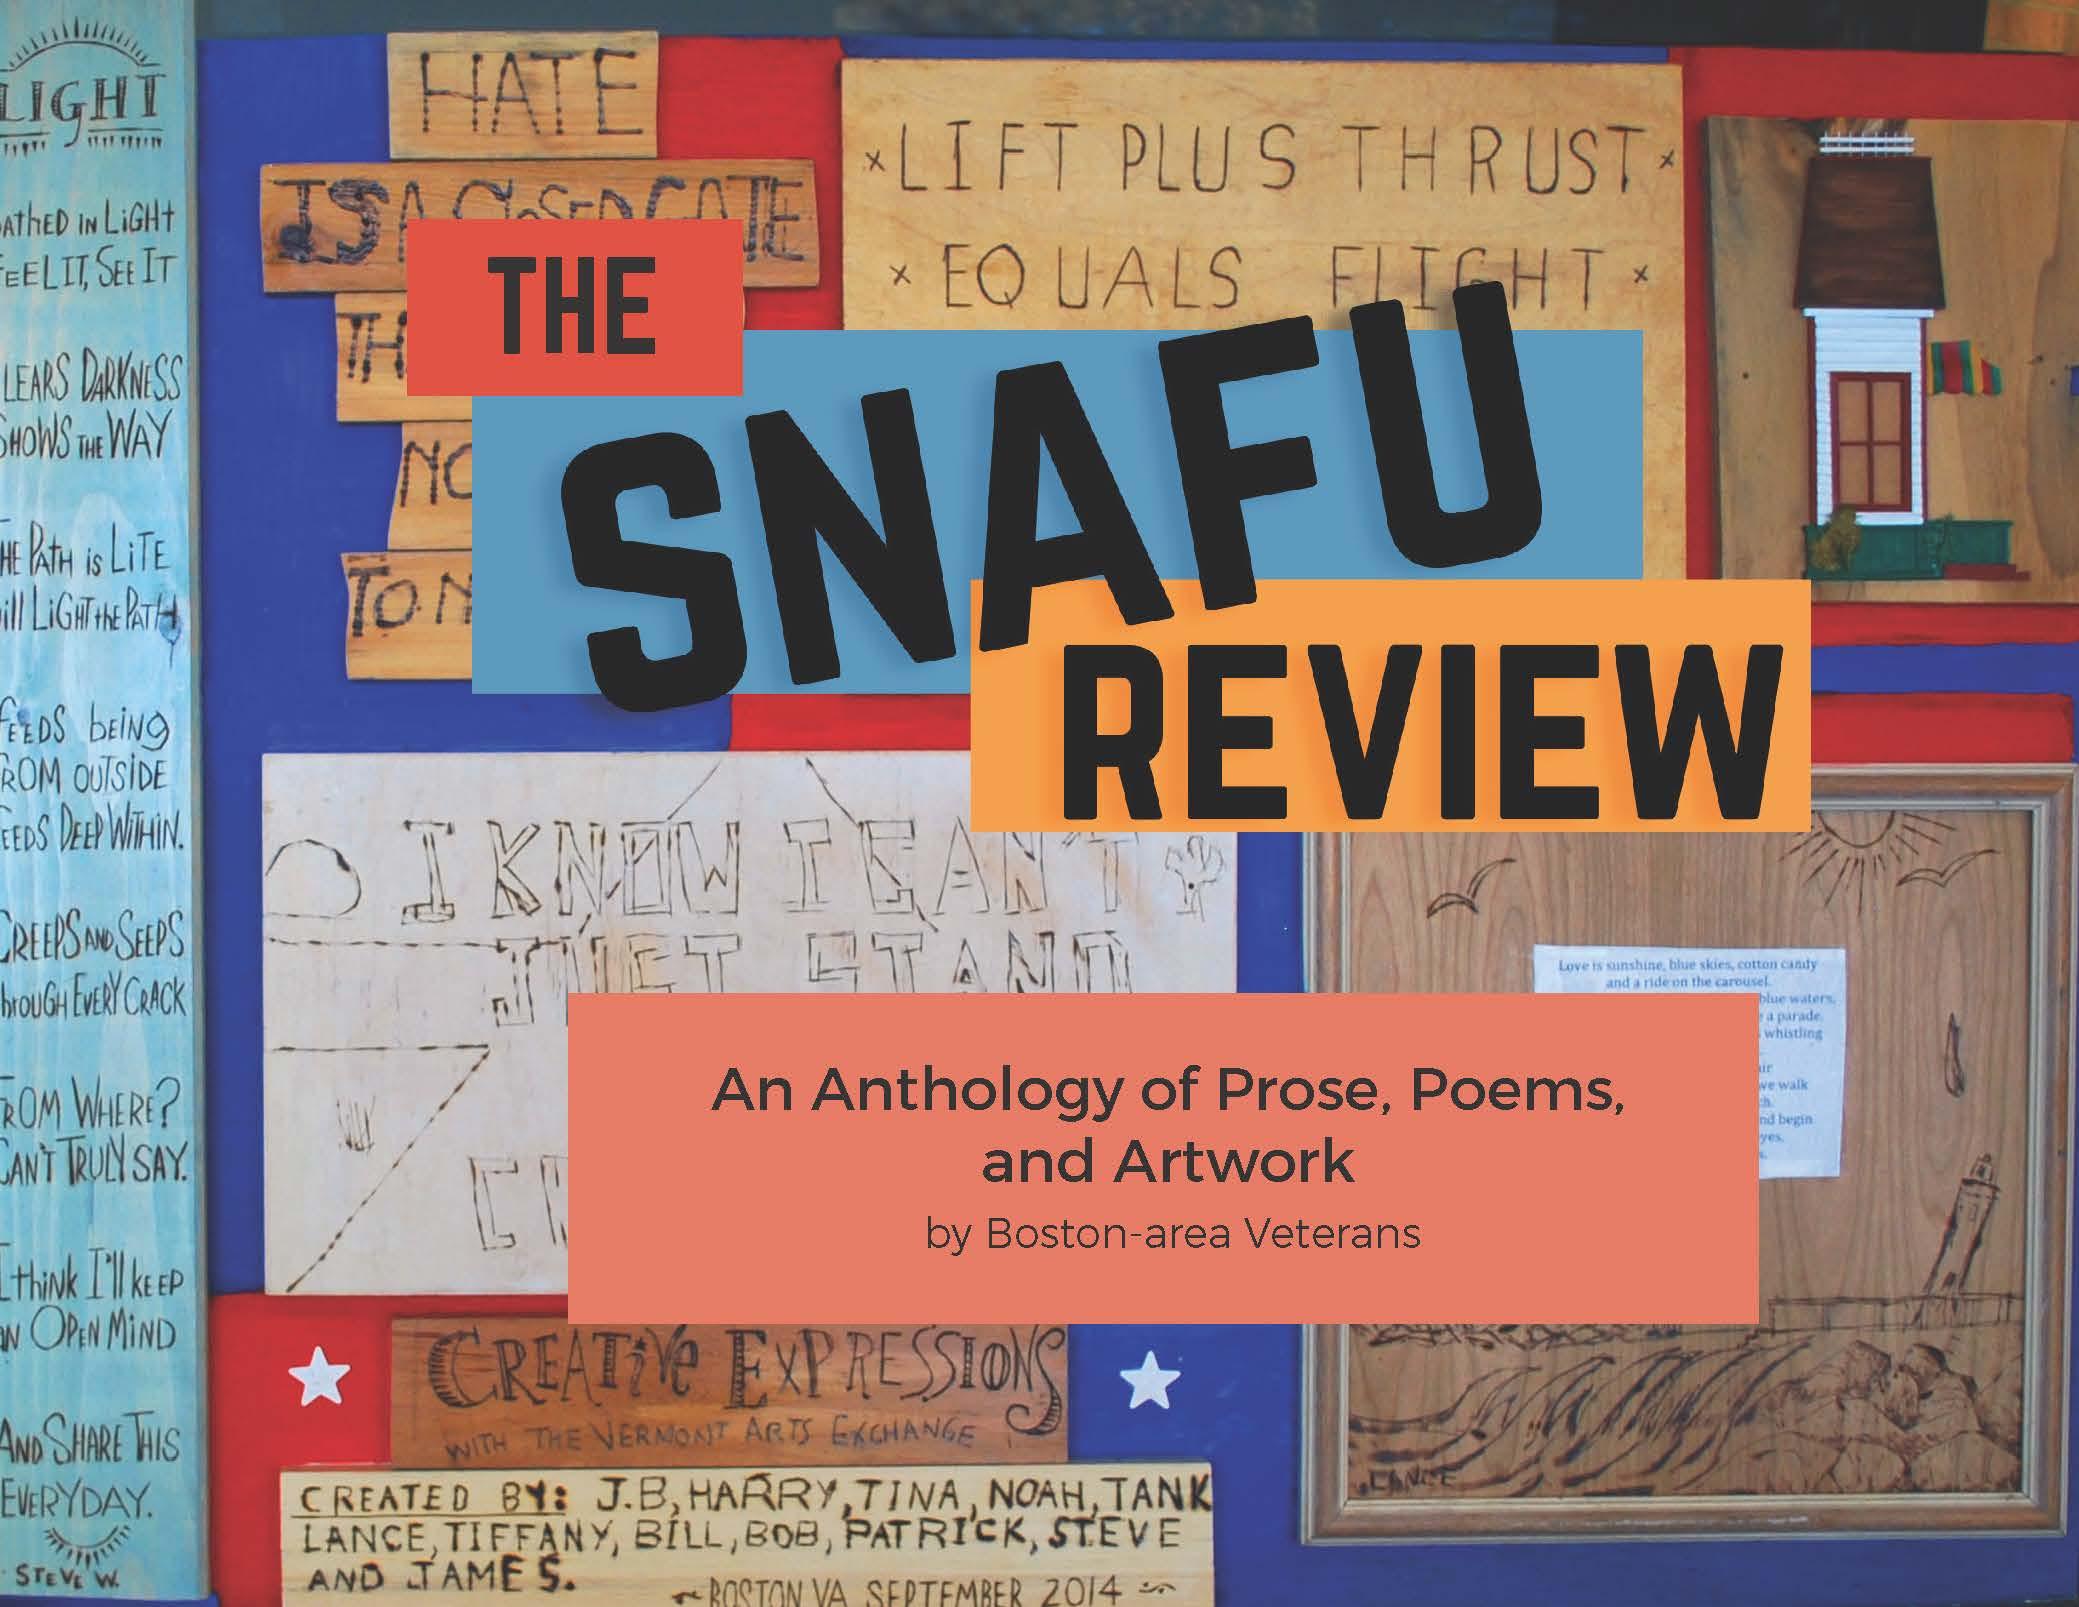 SNAFU Reviewed